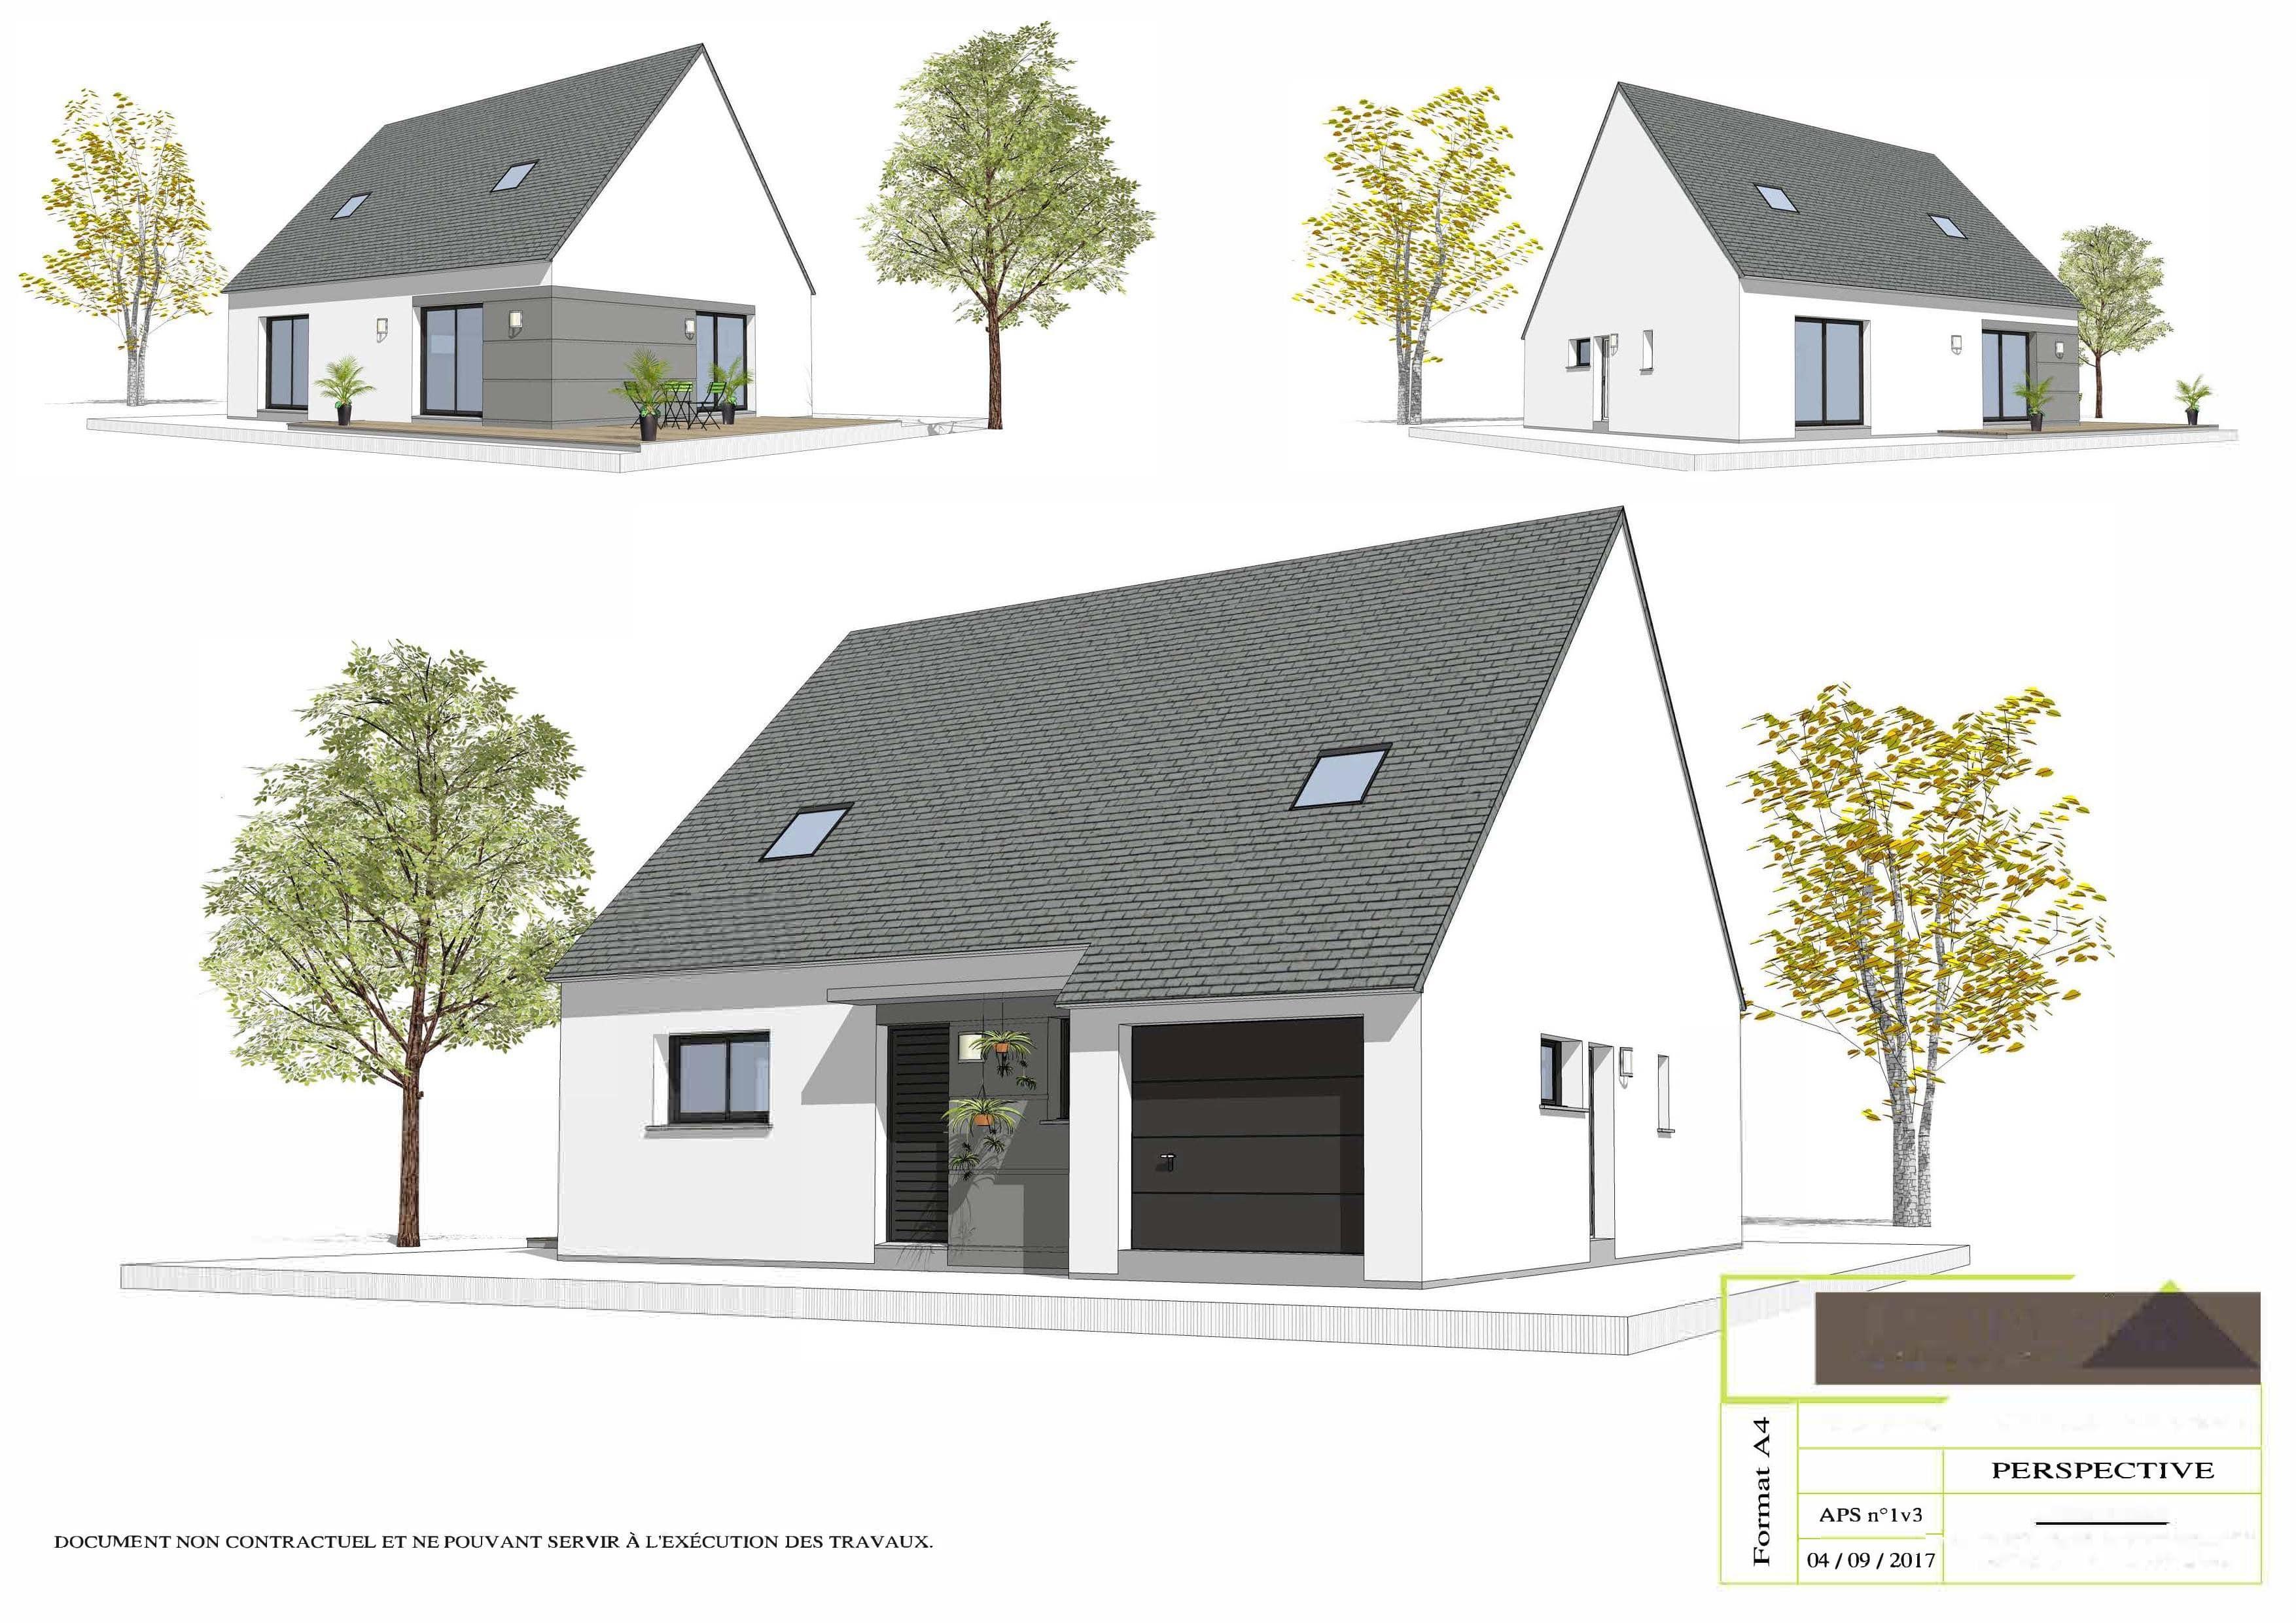 maison traditionnelle à étage 4 chambres avec enduit mixte gris et blanc